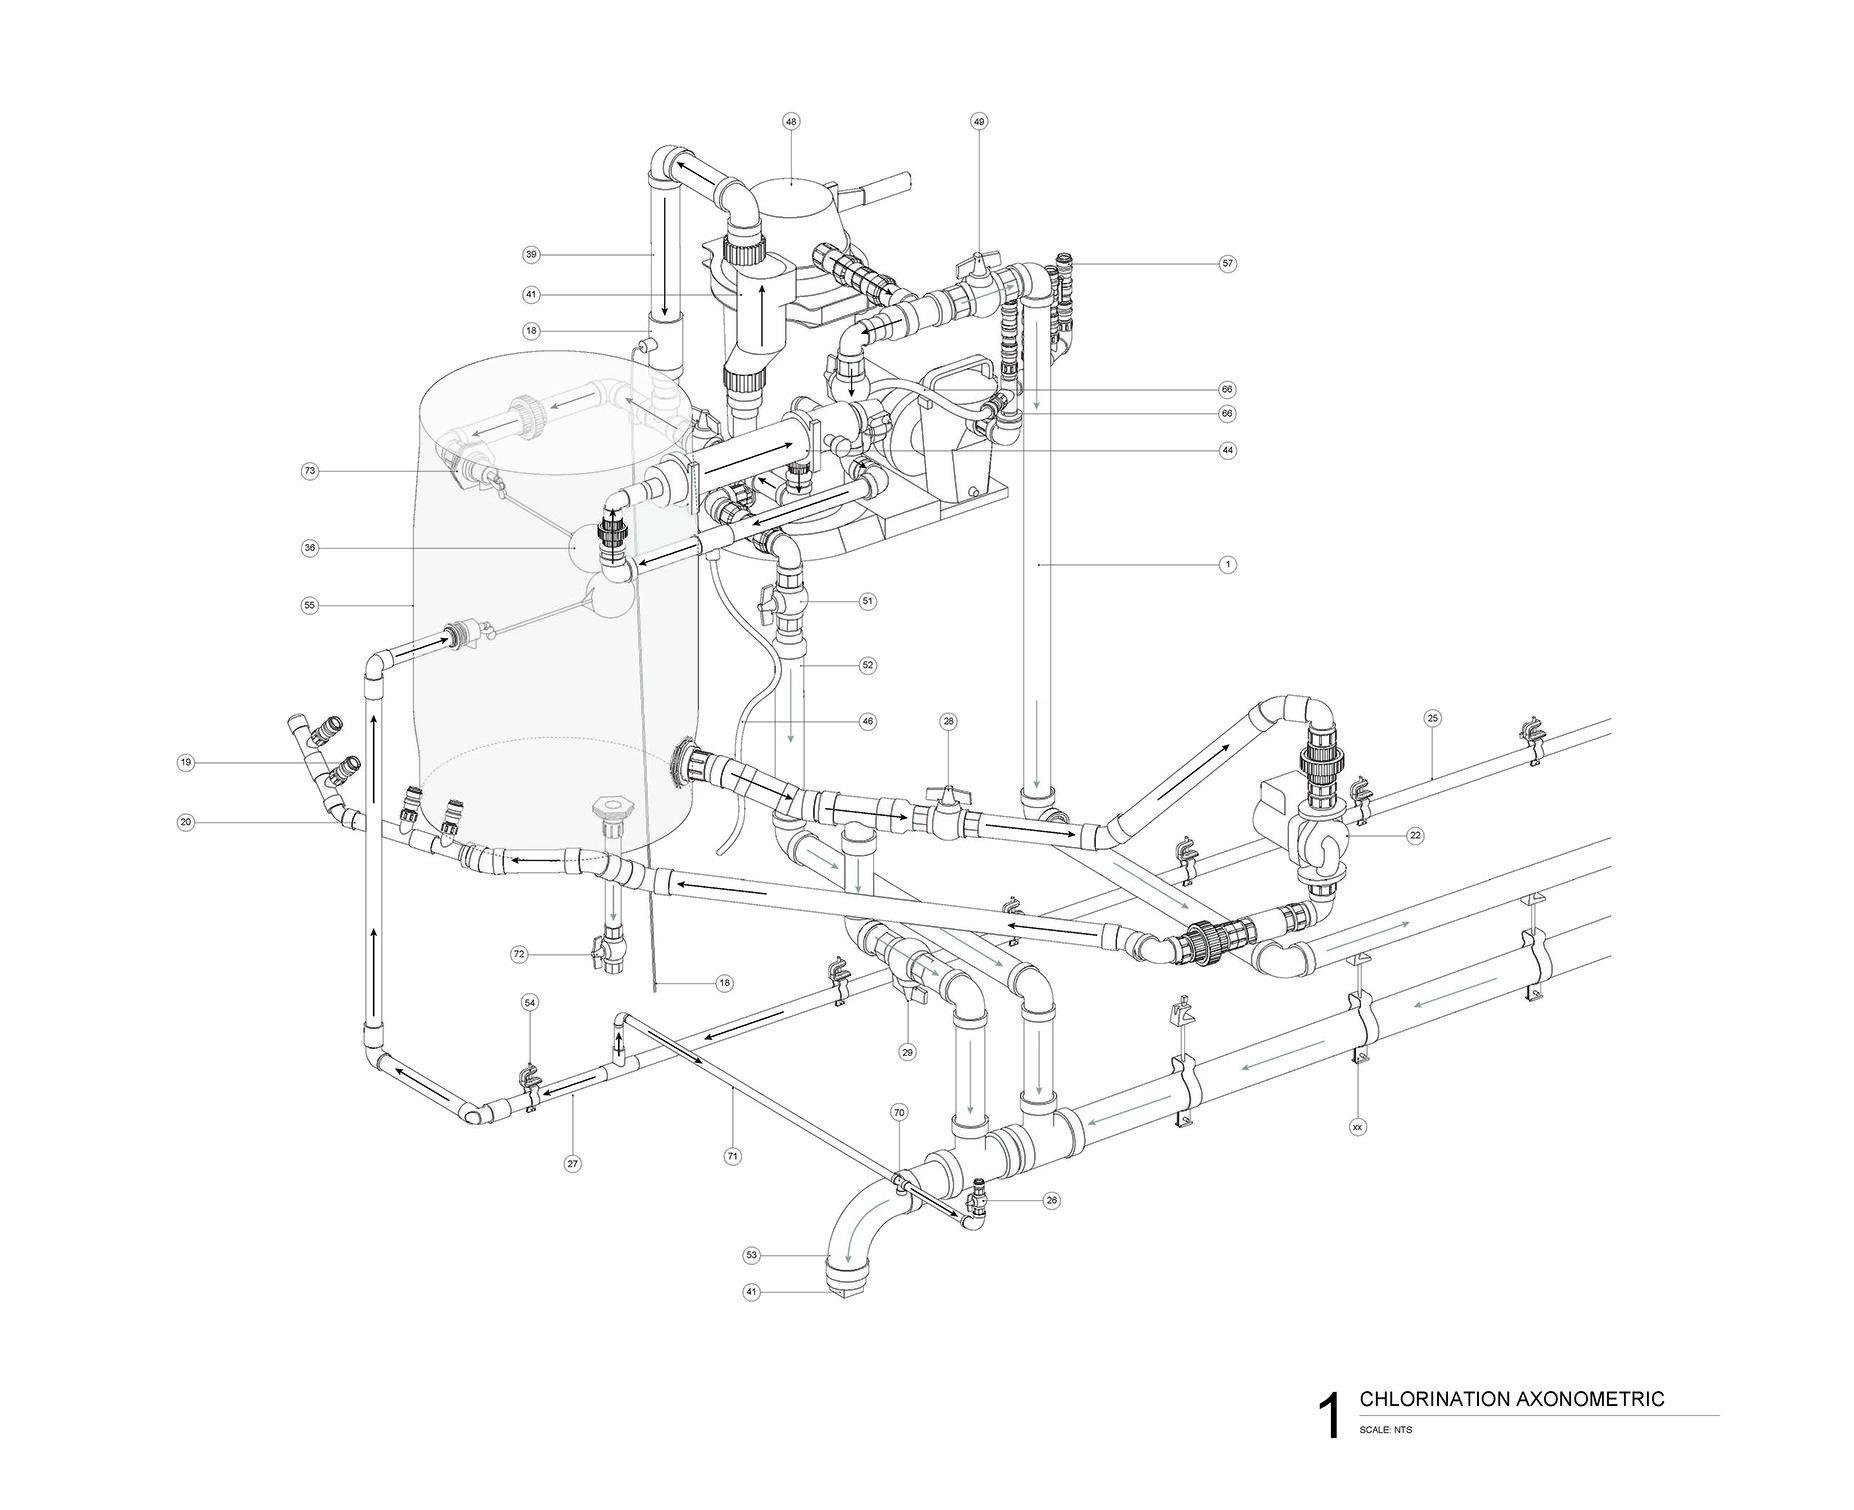 Sketch Explaining Electrical Amps C Carson Dunlop Associates